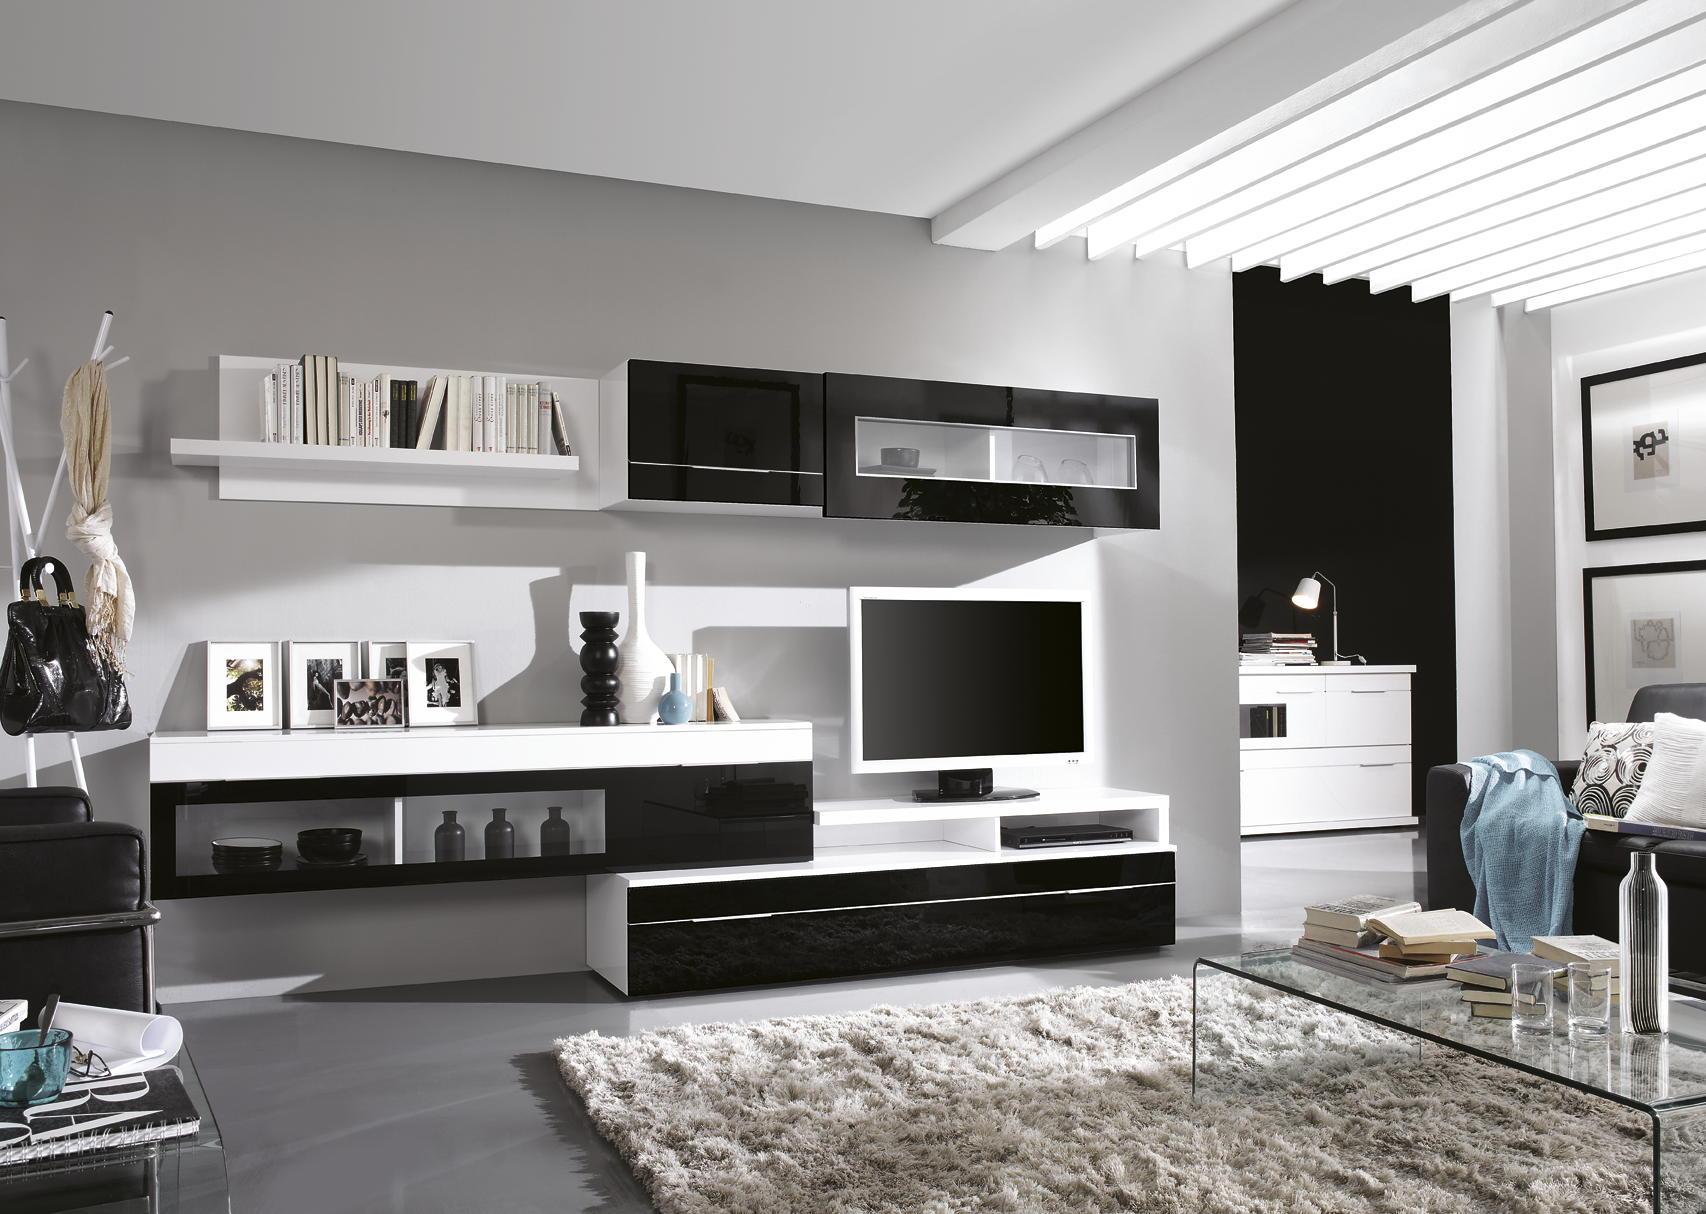 تصاميم منازل 2020 61 1